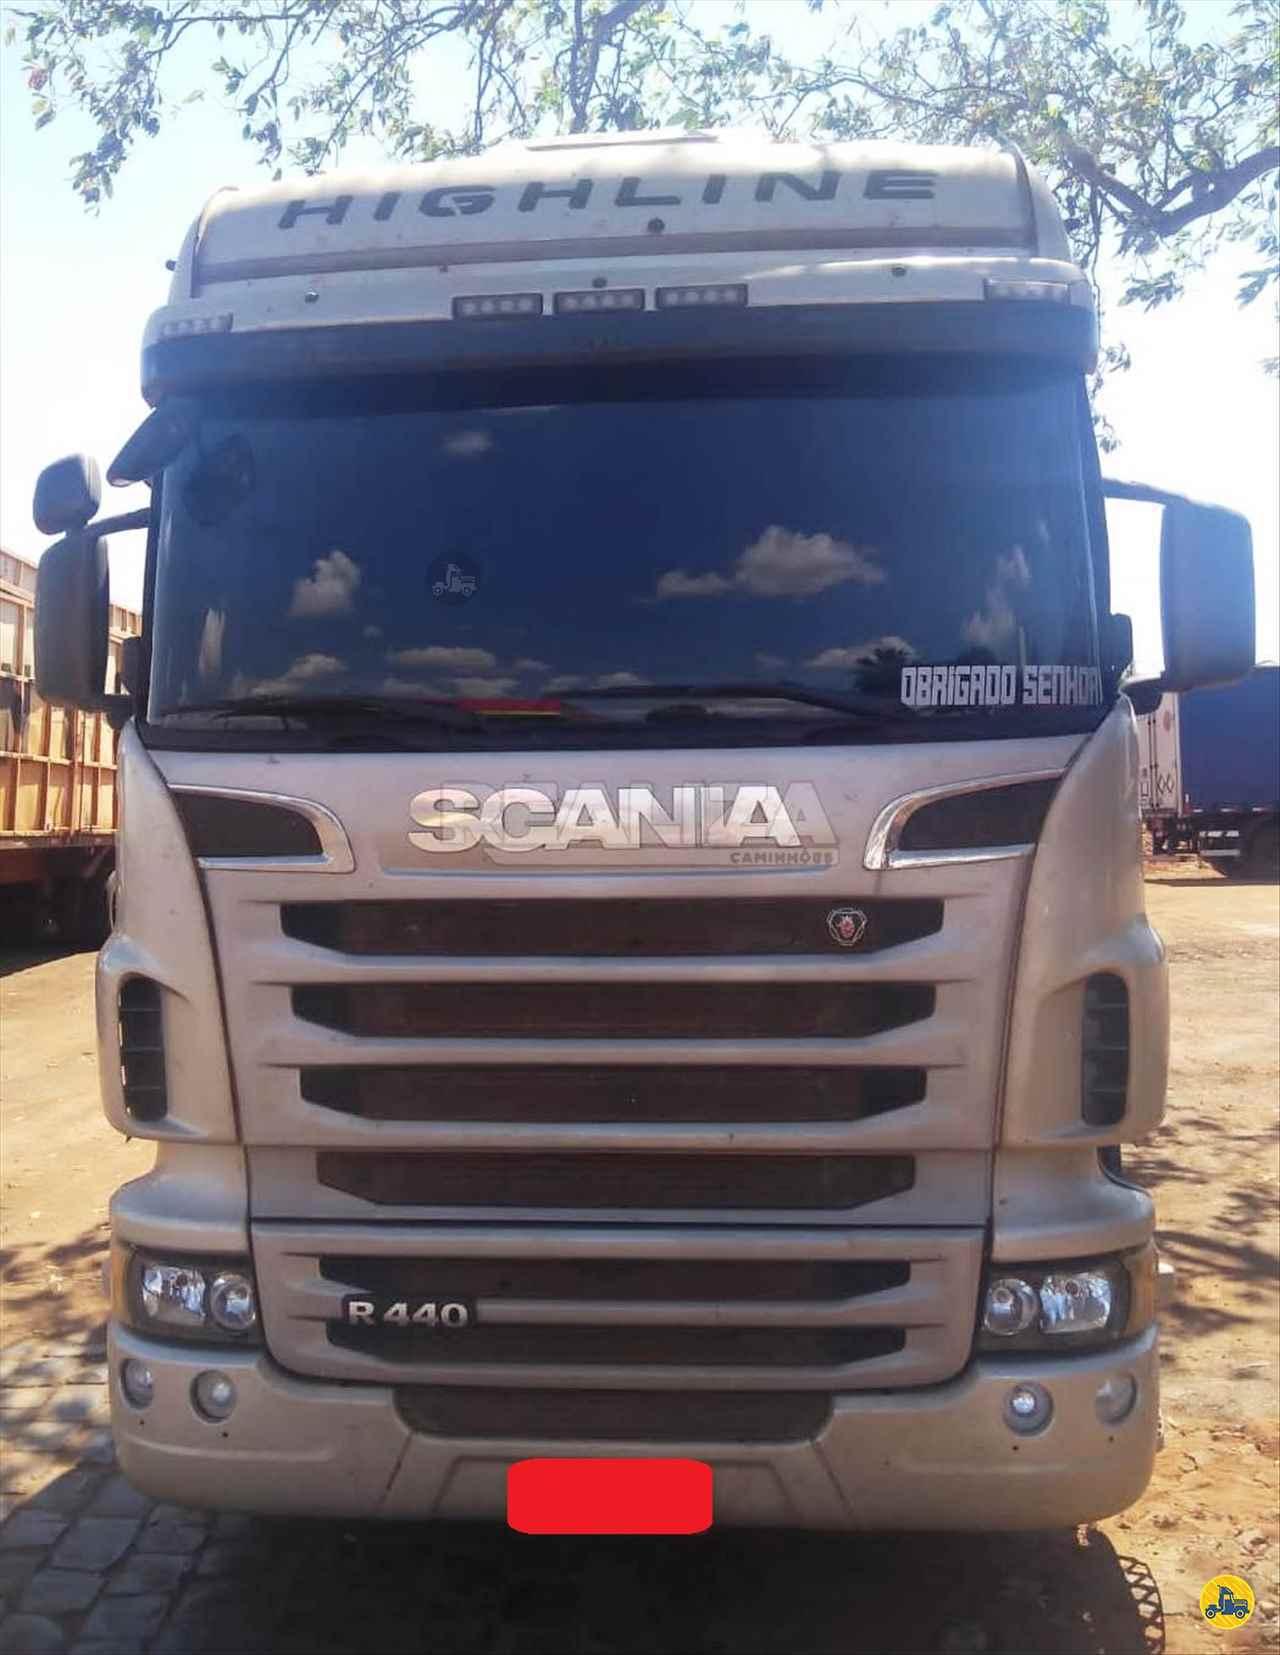 CAMINHAO SCANIA SCANIA 440 Cavalo Mecânico Traçado 6x4 Realiza Caminhões - Umuarama UMUARAMA PARANÁ PR